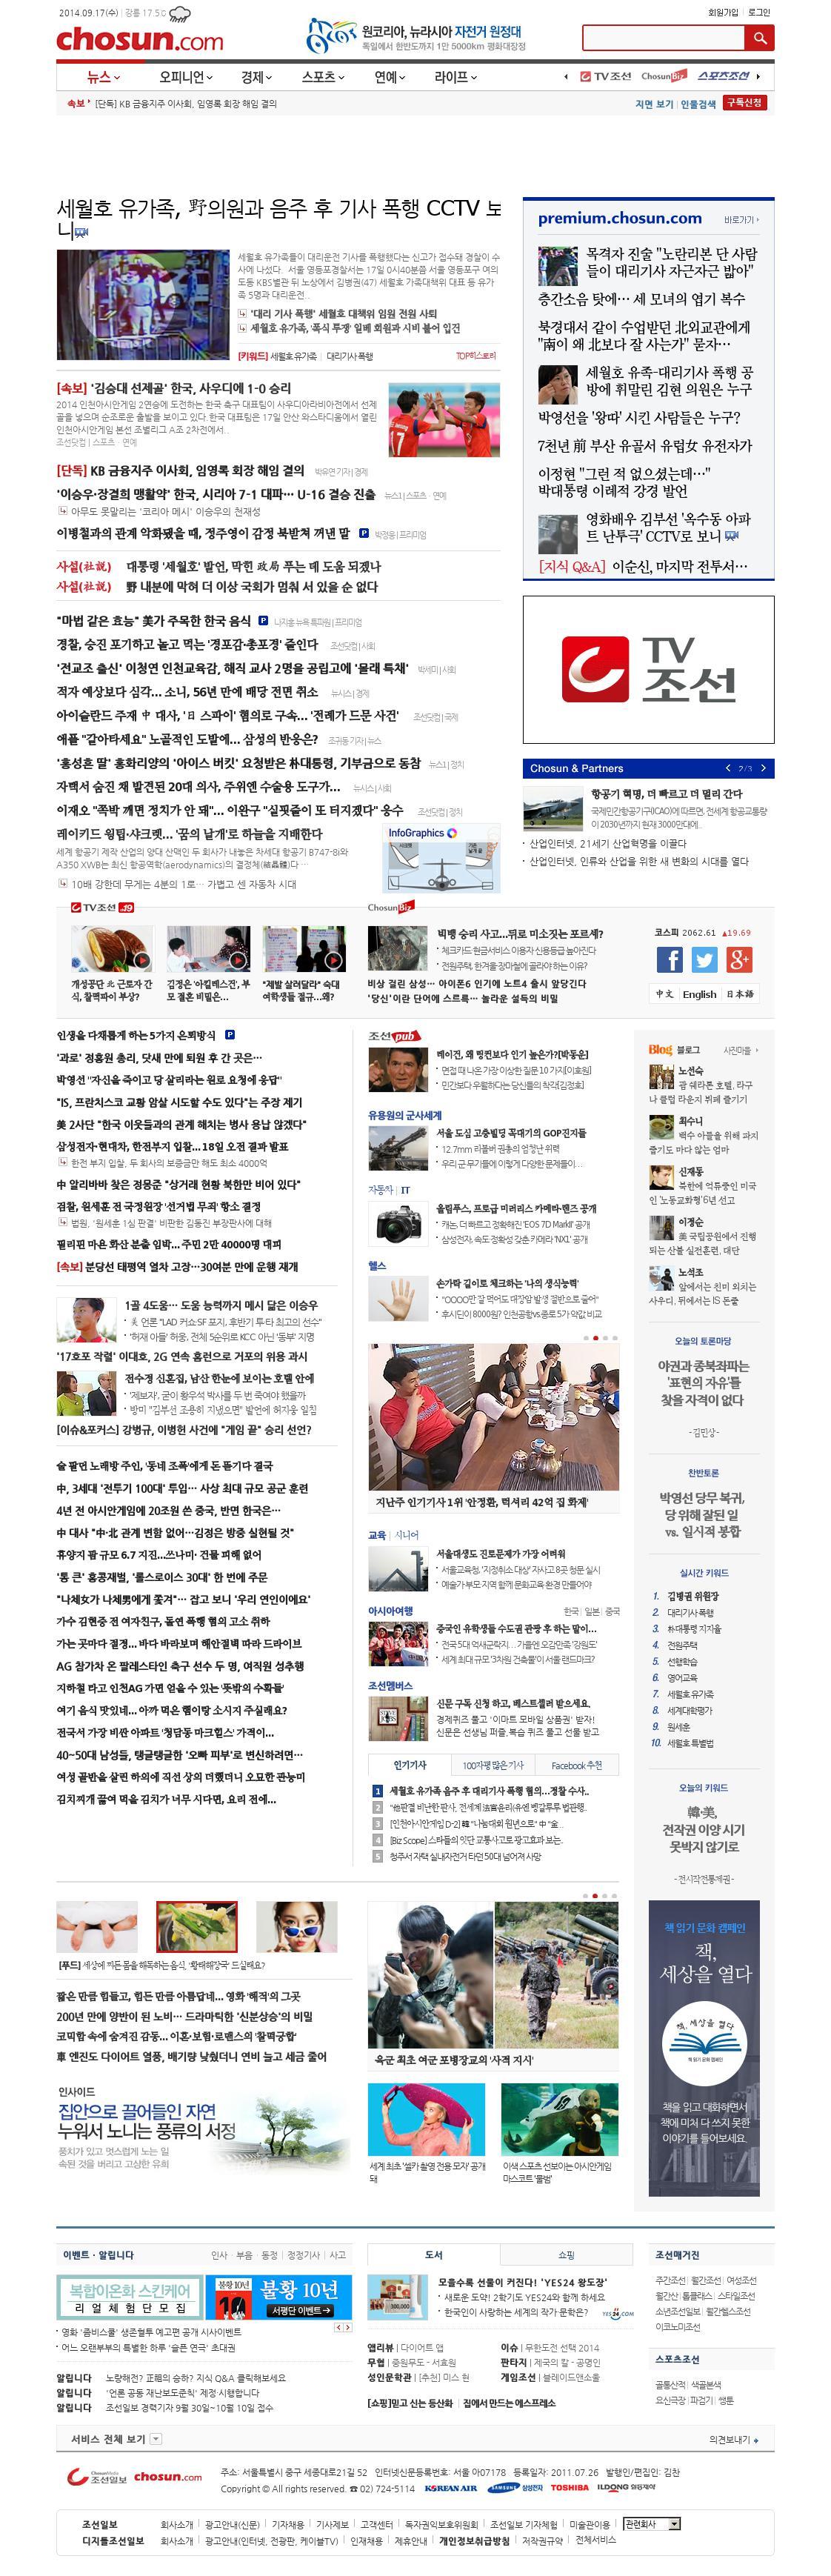 chosun.com at Wednesday Sept. 17, 2014, 1:02 p.m. UTC